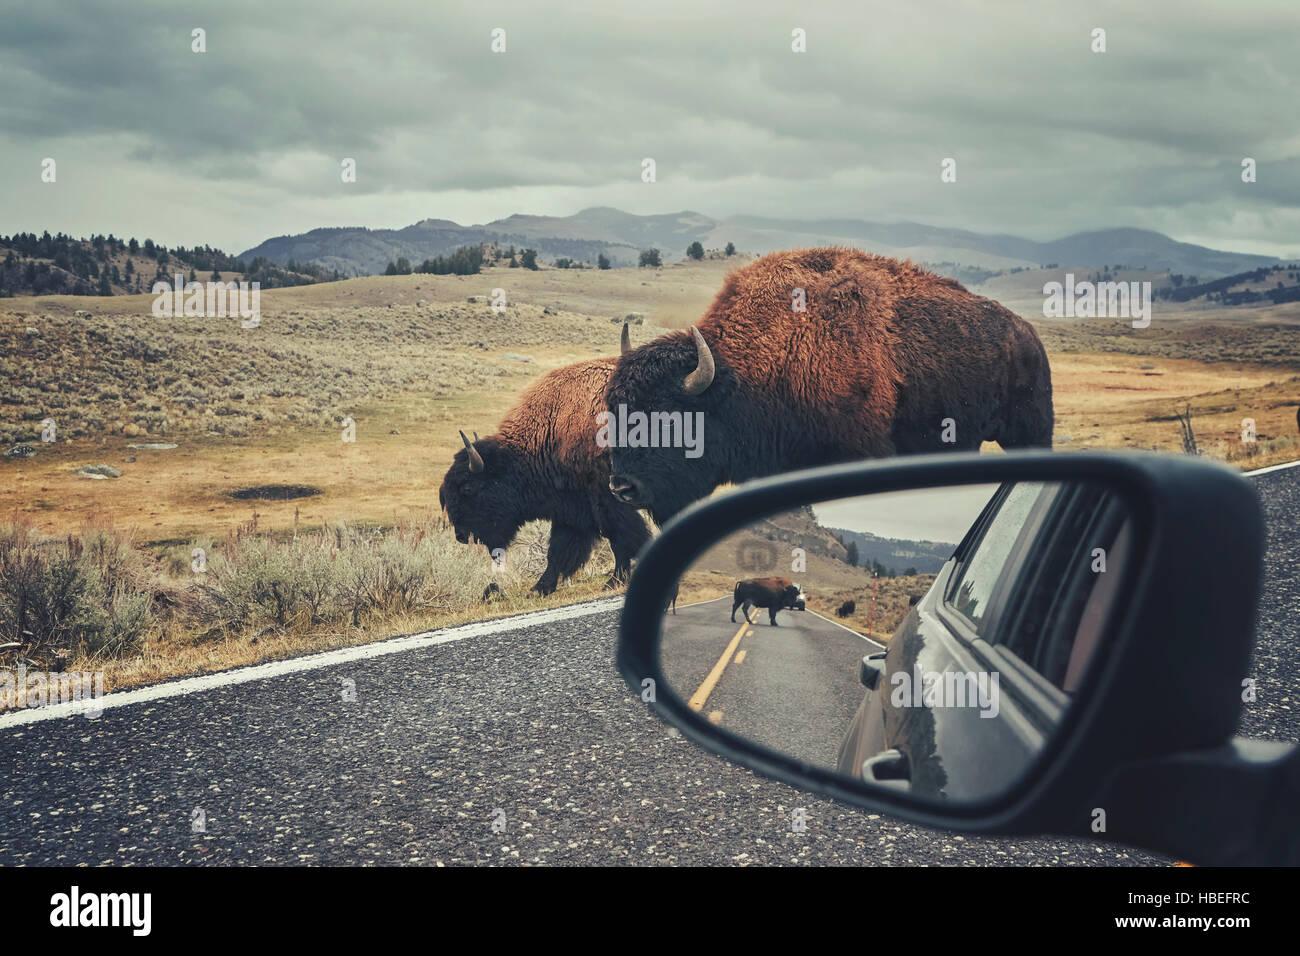 Retro getönten Foto des amerikanischen Bisons (Bison Bison) auf einer Straße gesehen von Auto Fahrersitz Stockbild